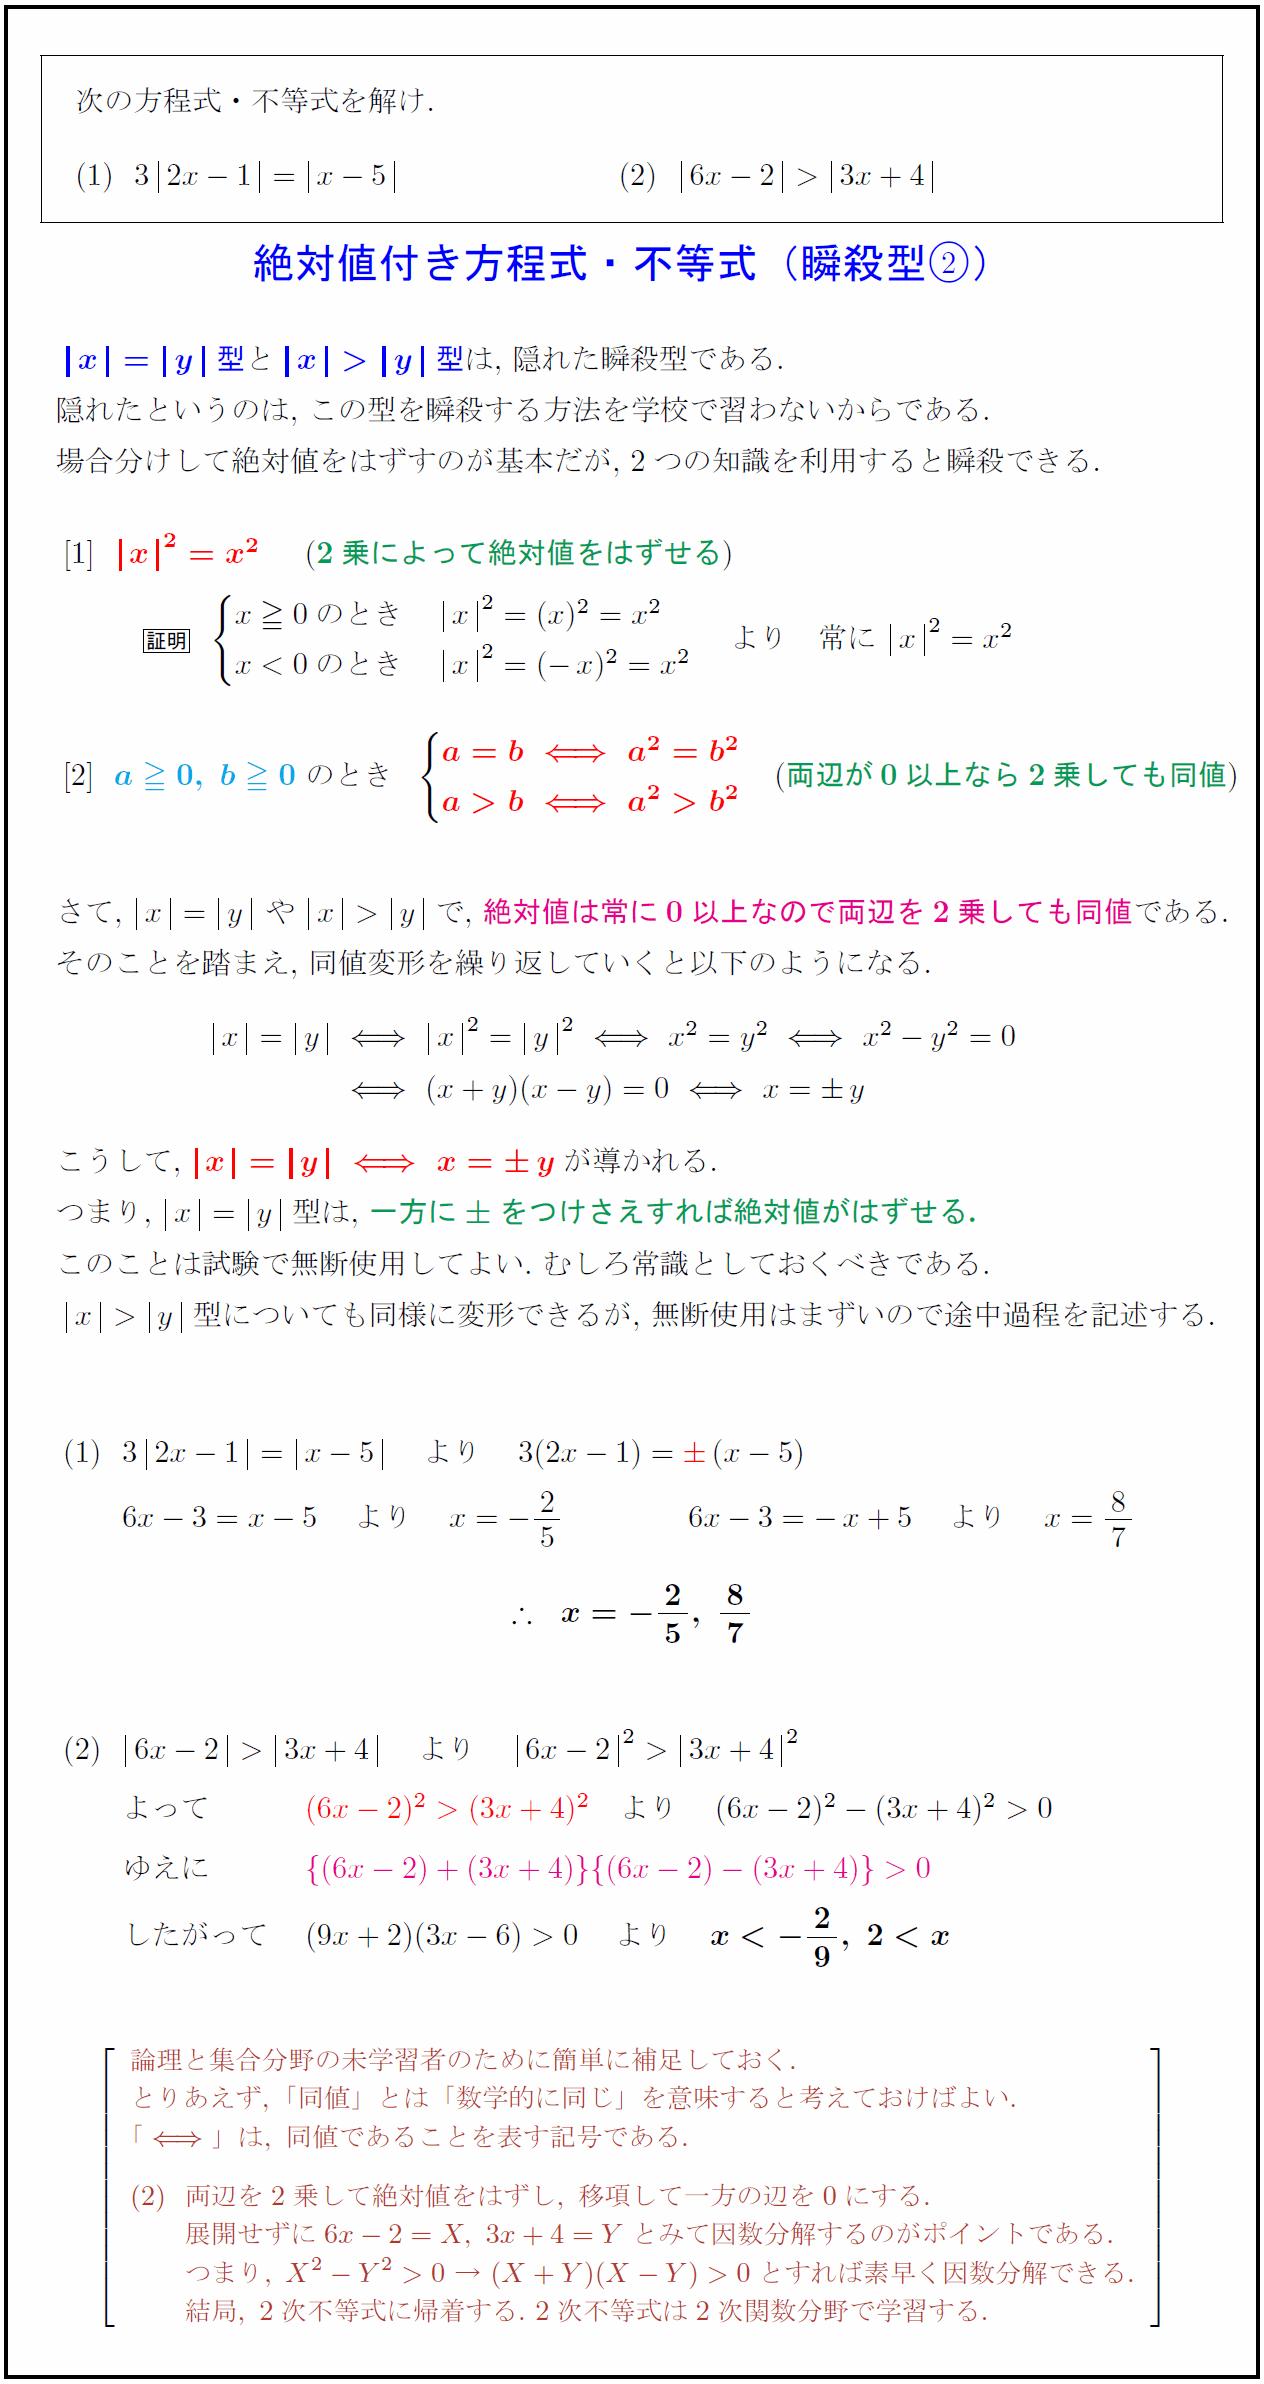 絶対値付き方程式・不等式(瞬殺...